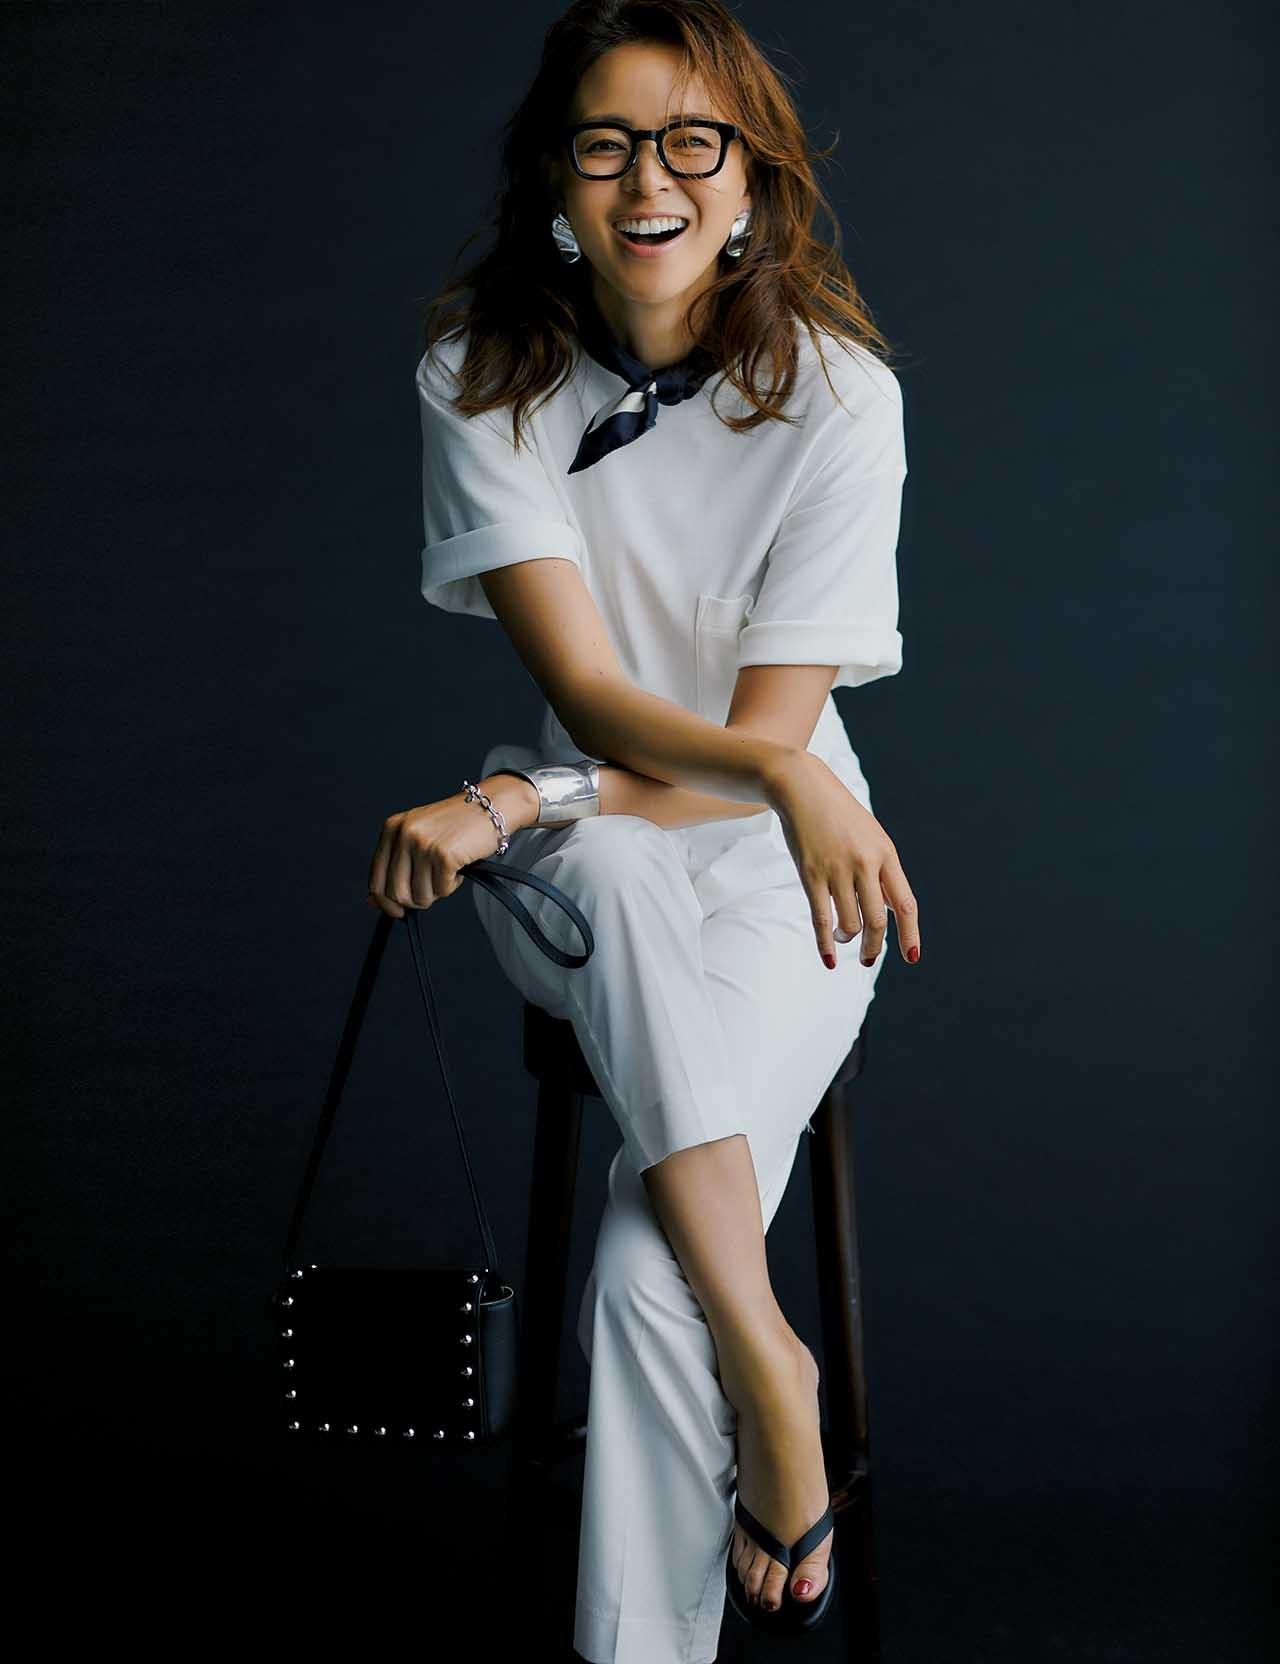 MUJI Laboの白Tシャツ×白のセンタープレスパンツコーデを着たモデルのSHHOさん